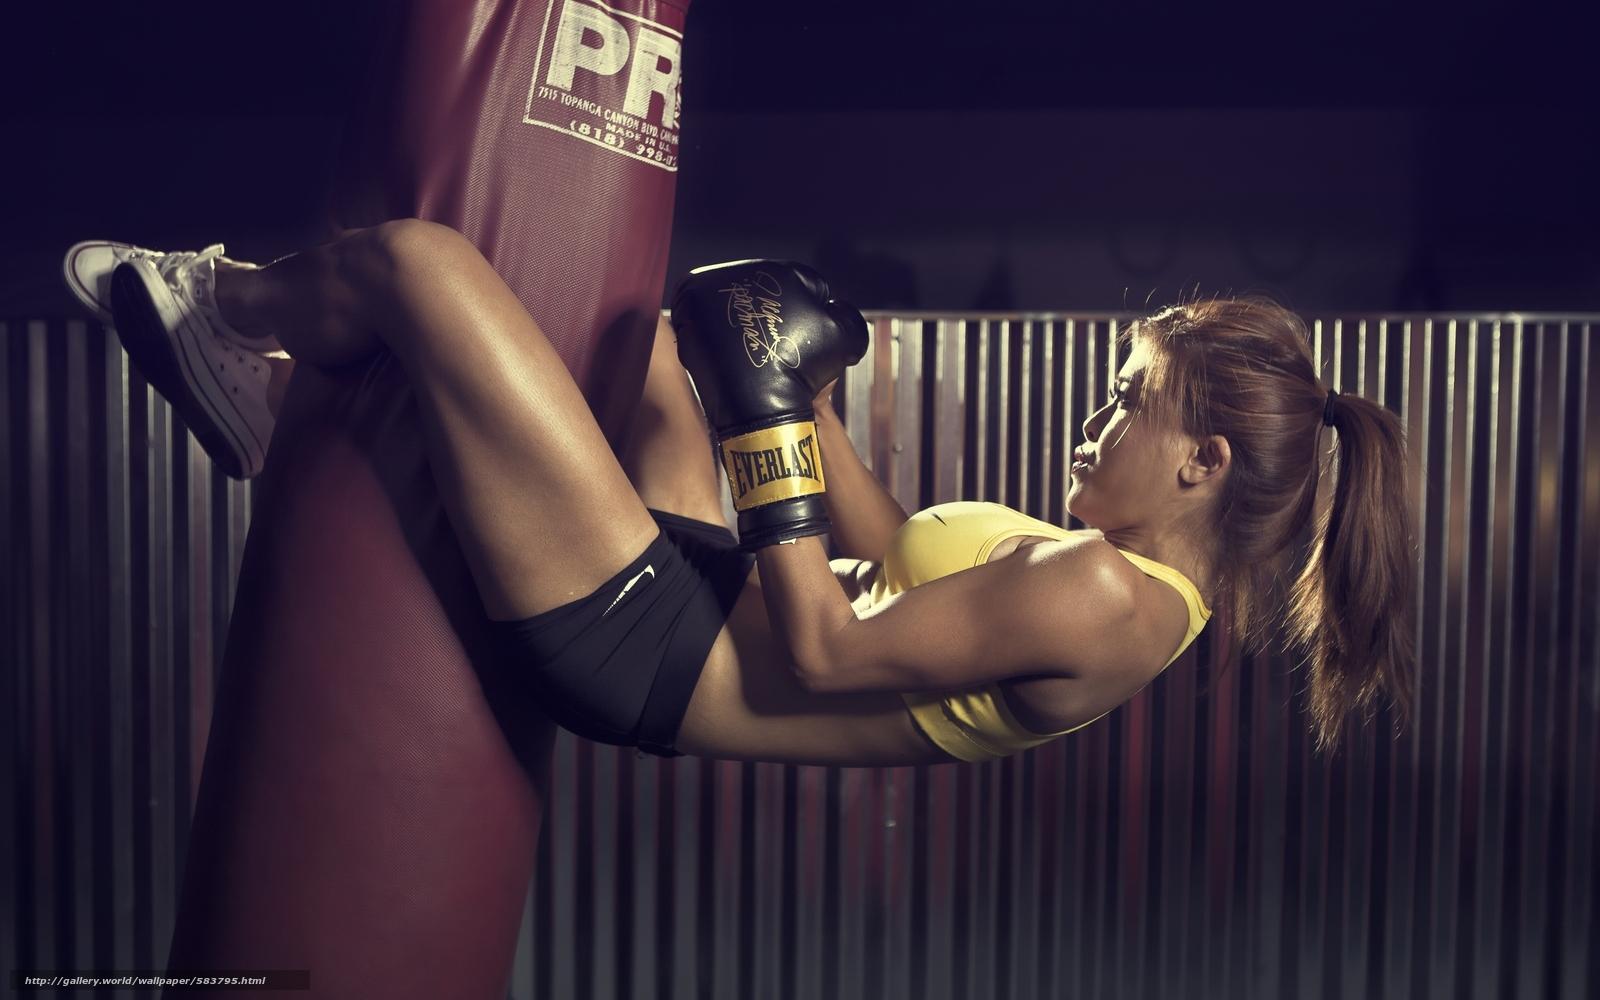 Скачать обои перчатки,  бокс,  девушка,  спортсменка бесплатно для рабочего стола в разрешении 3200x2000 — картинка №583795